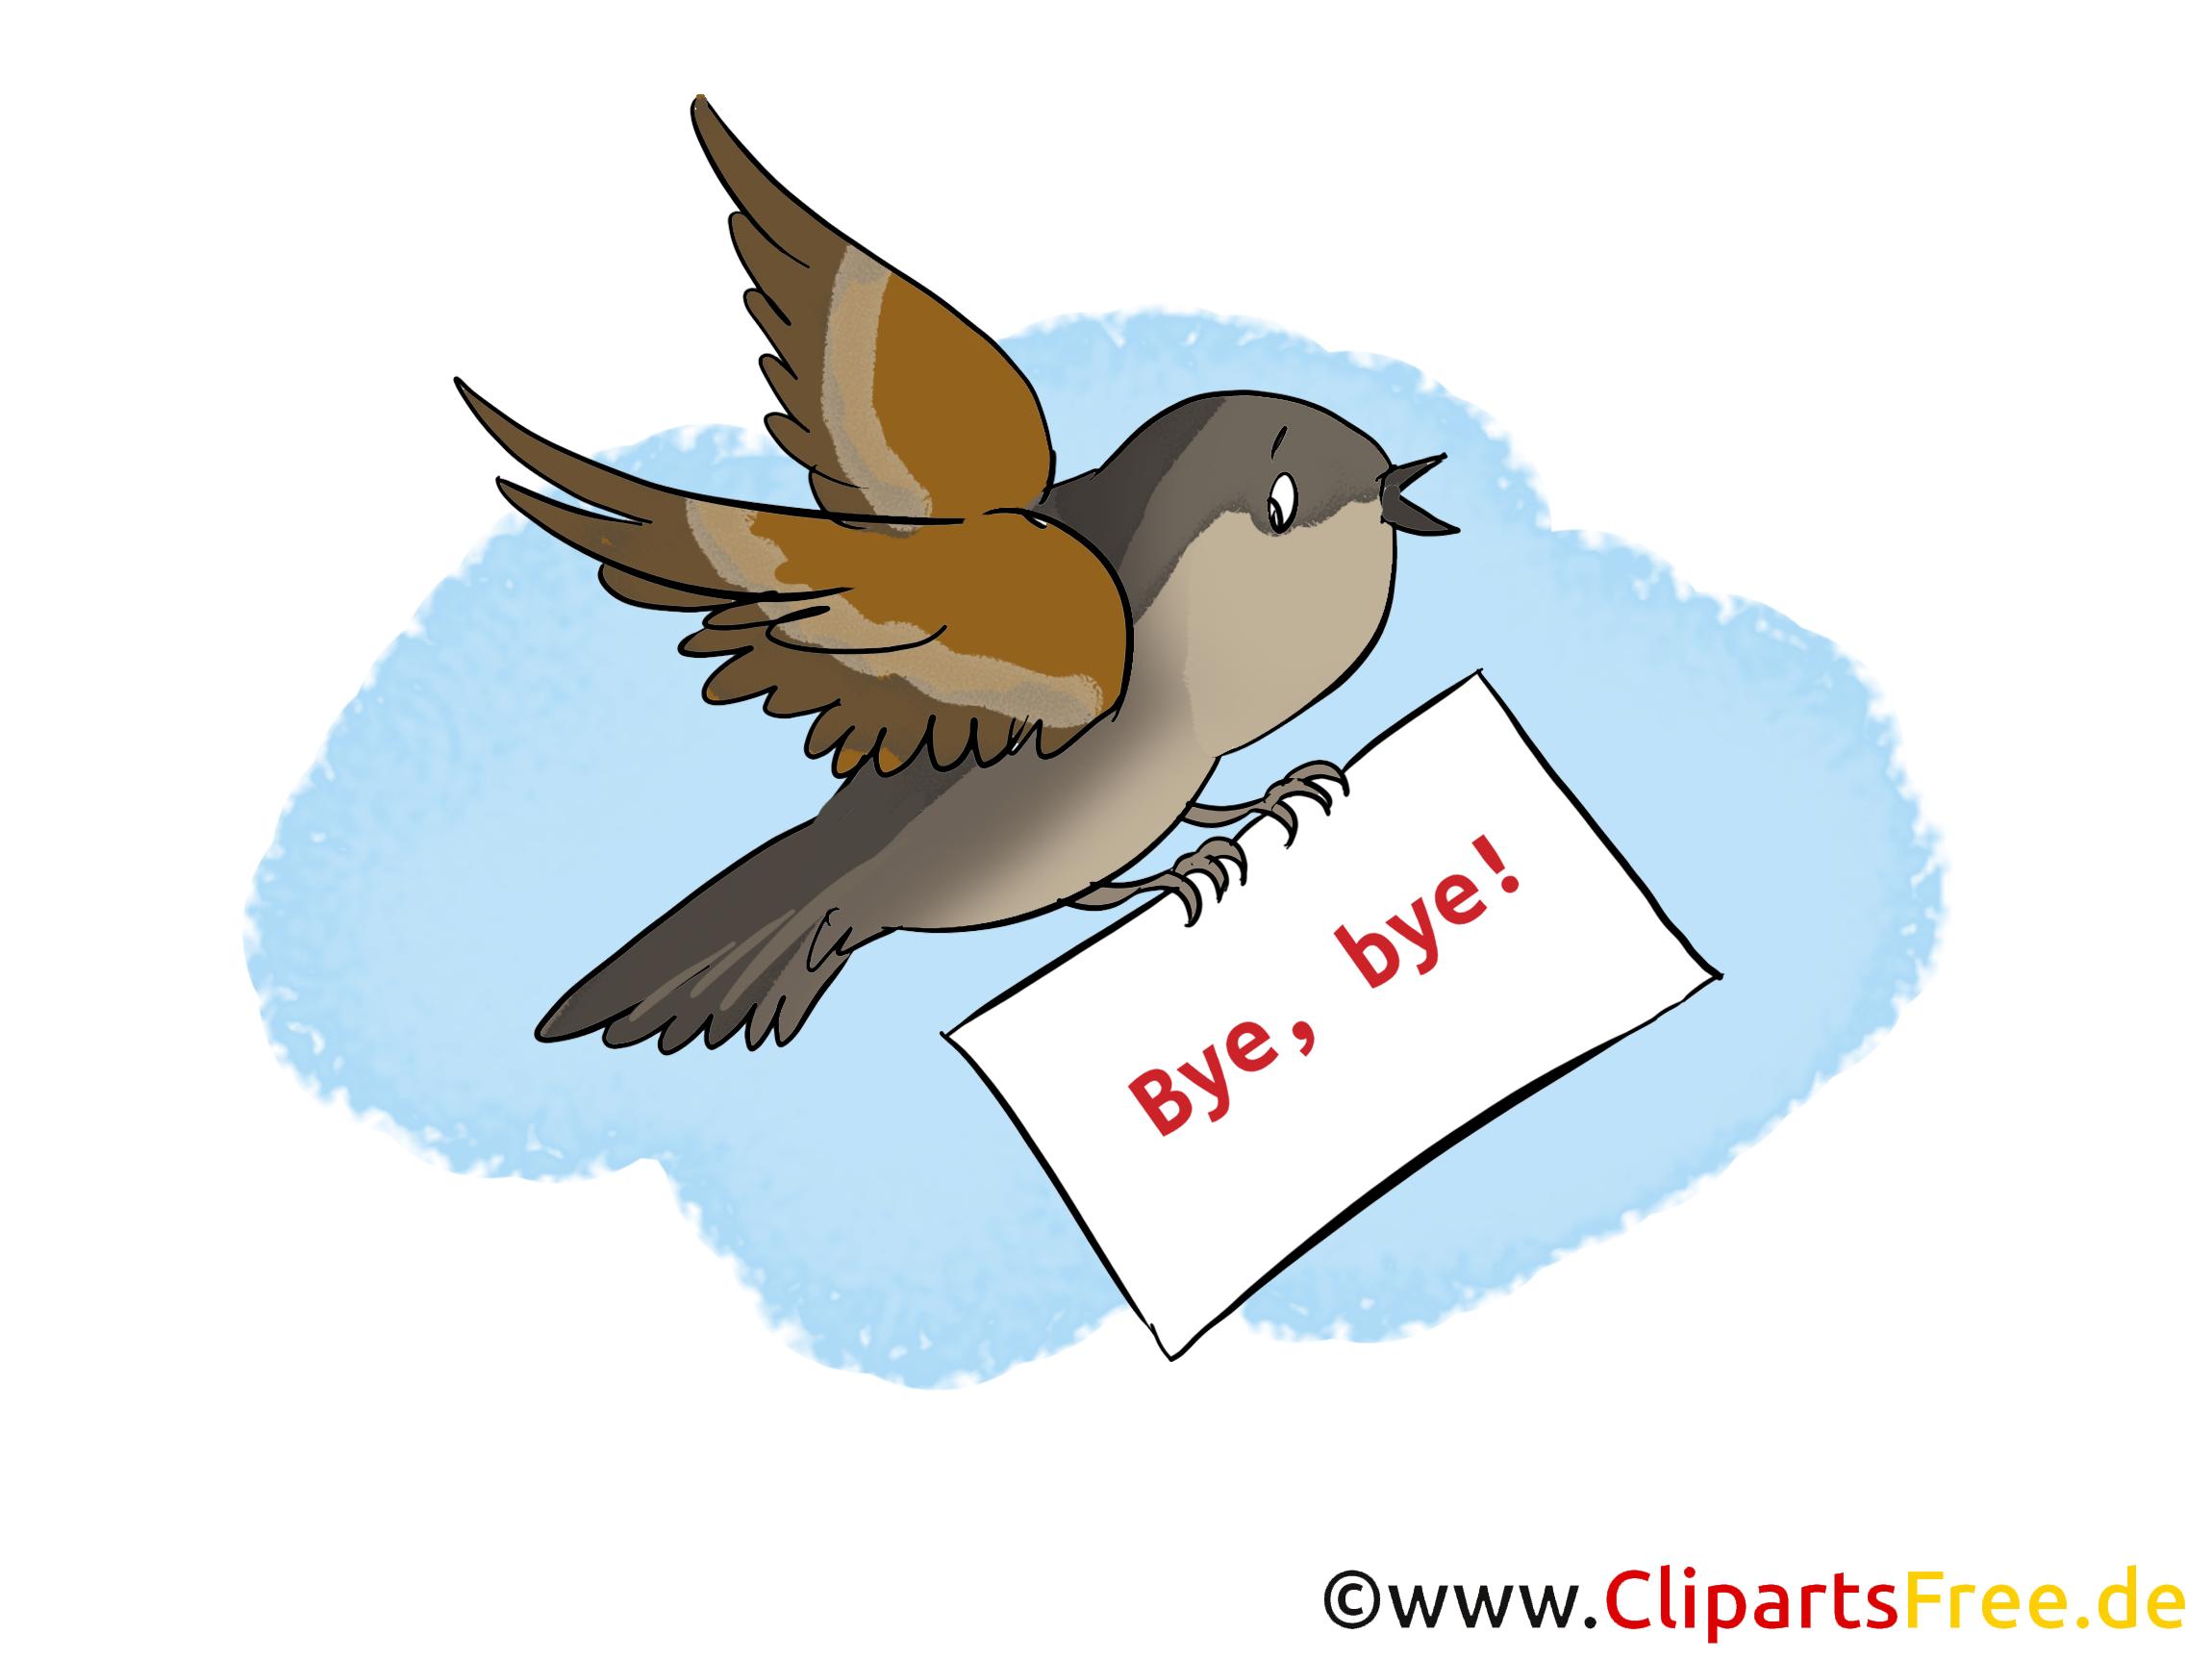 Zum Abschied einer Kollegin Karte, Clipart, Cartoon, Bild